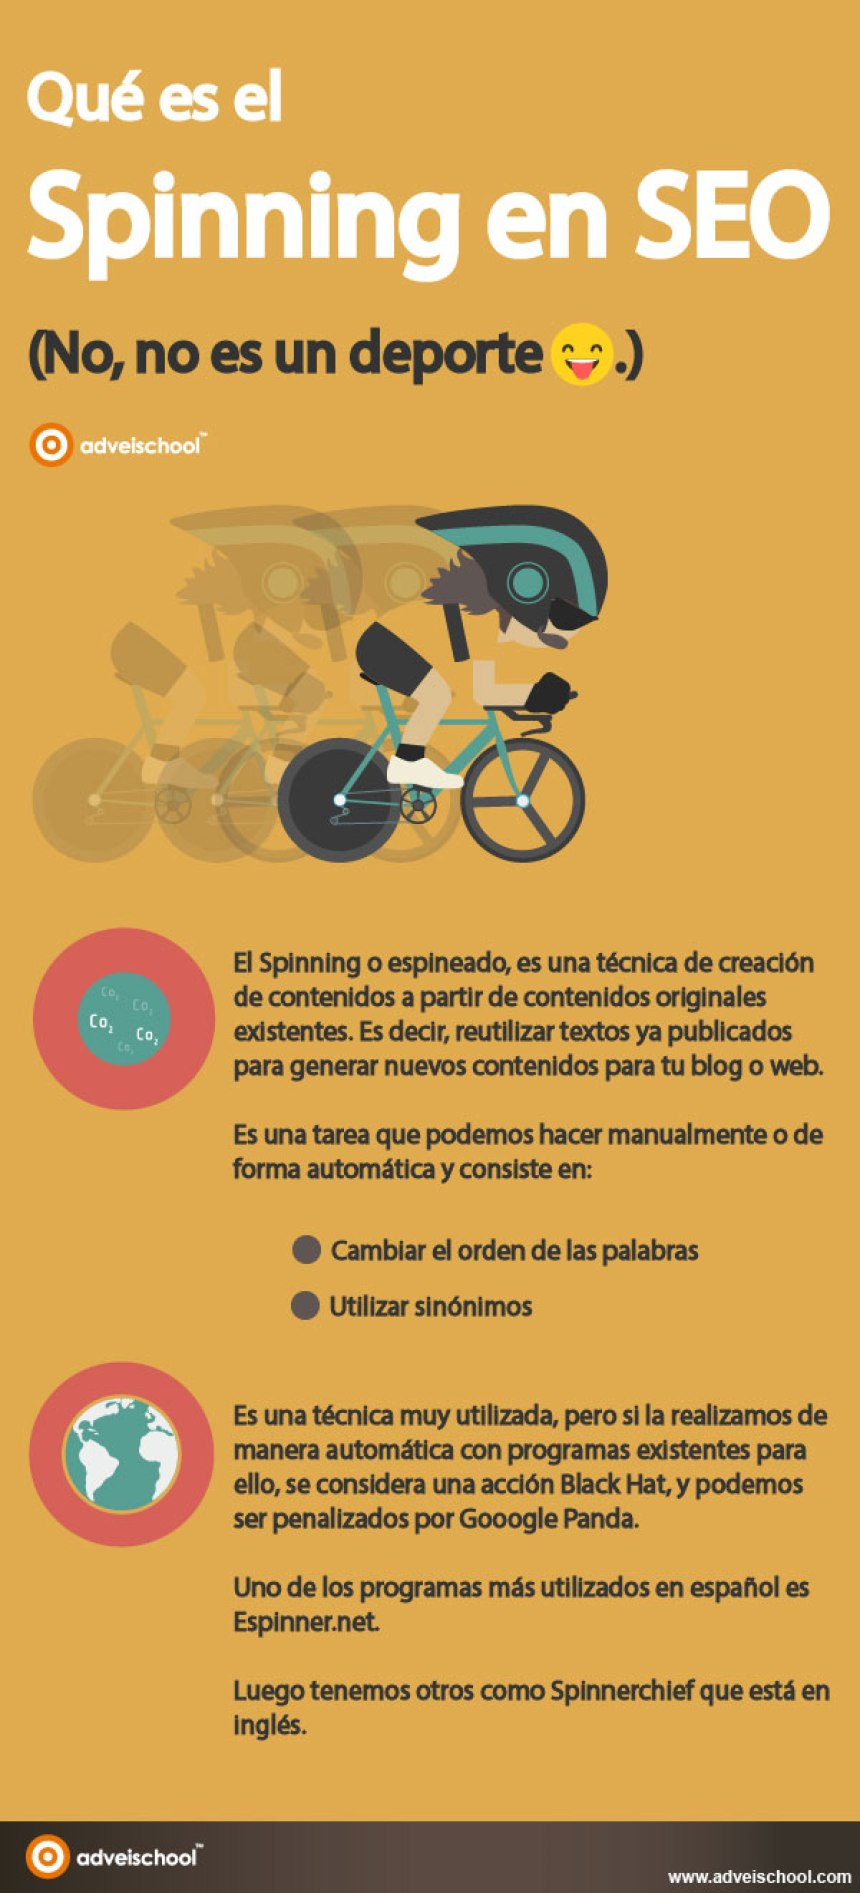 Qué es el Spinning en SEO